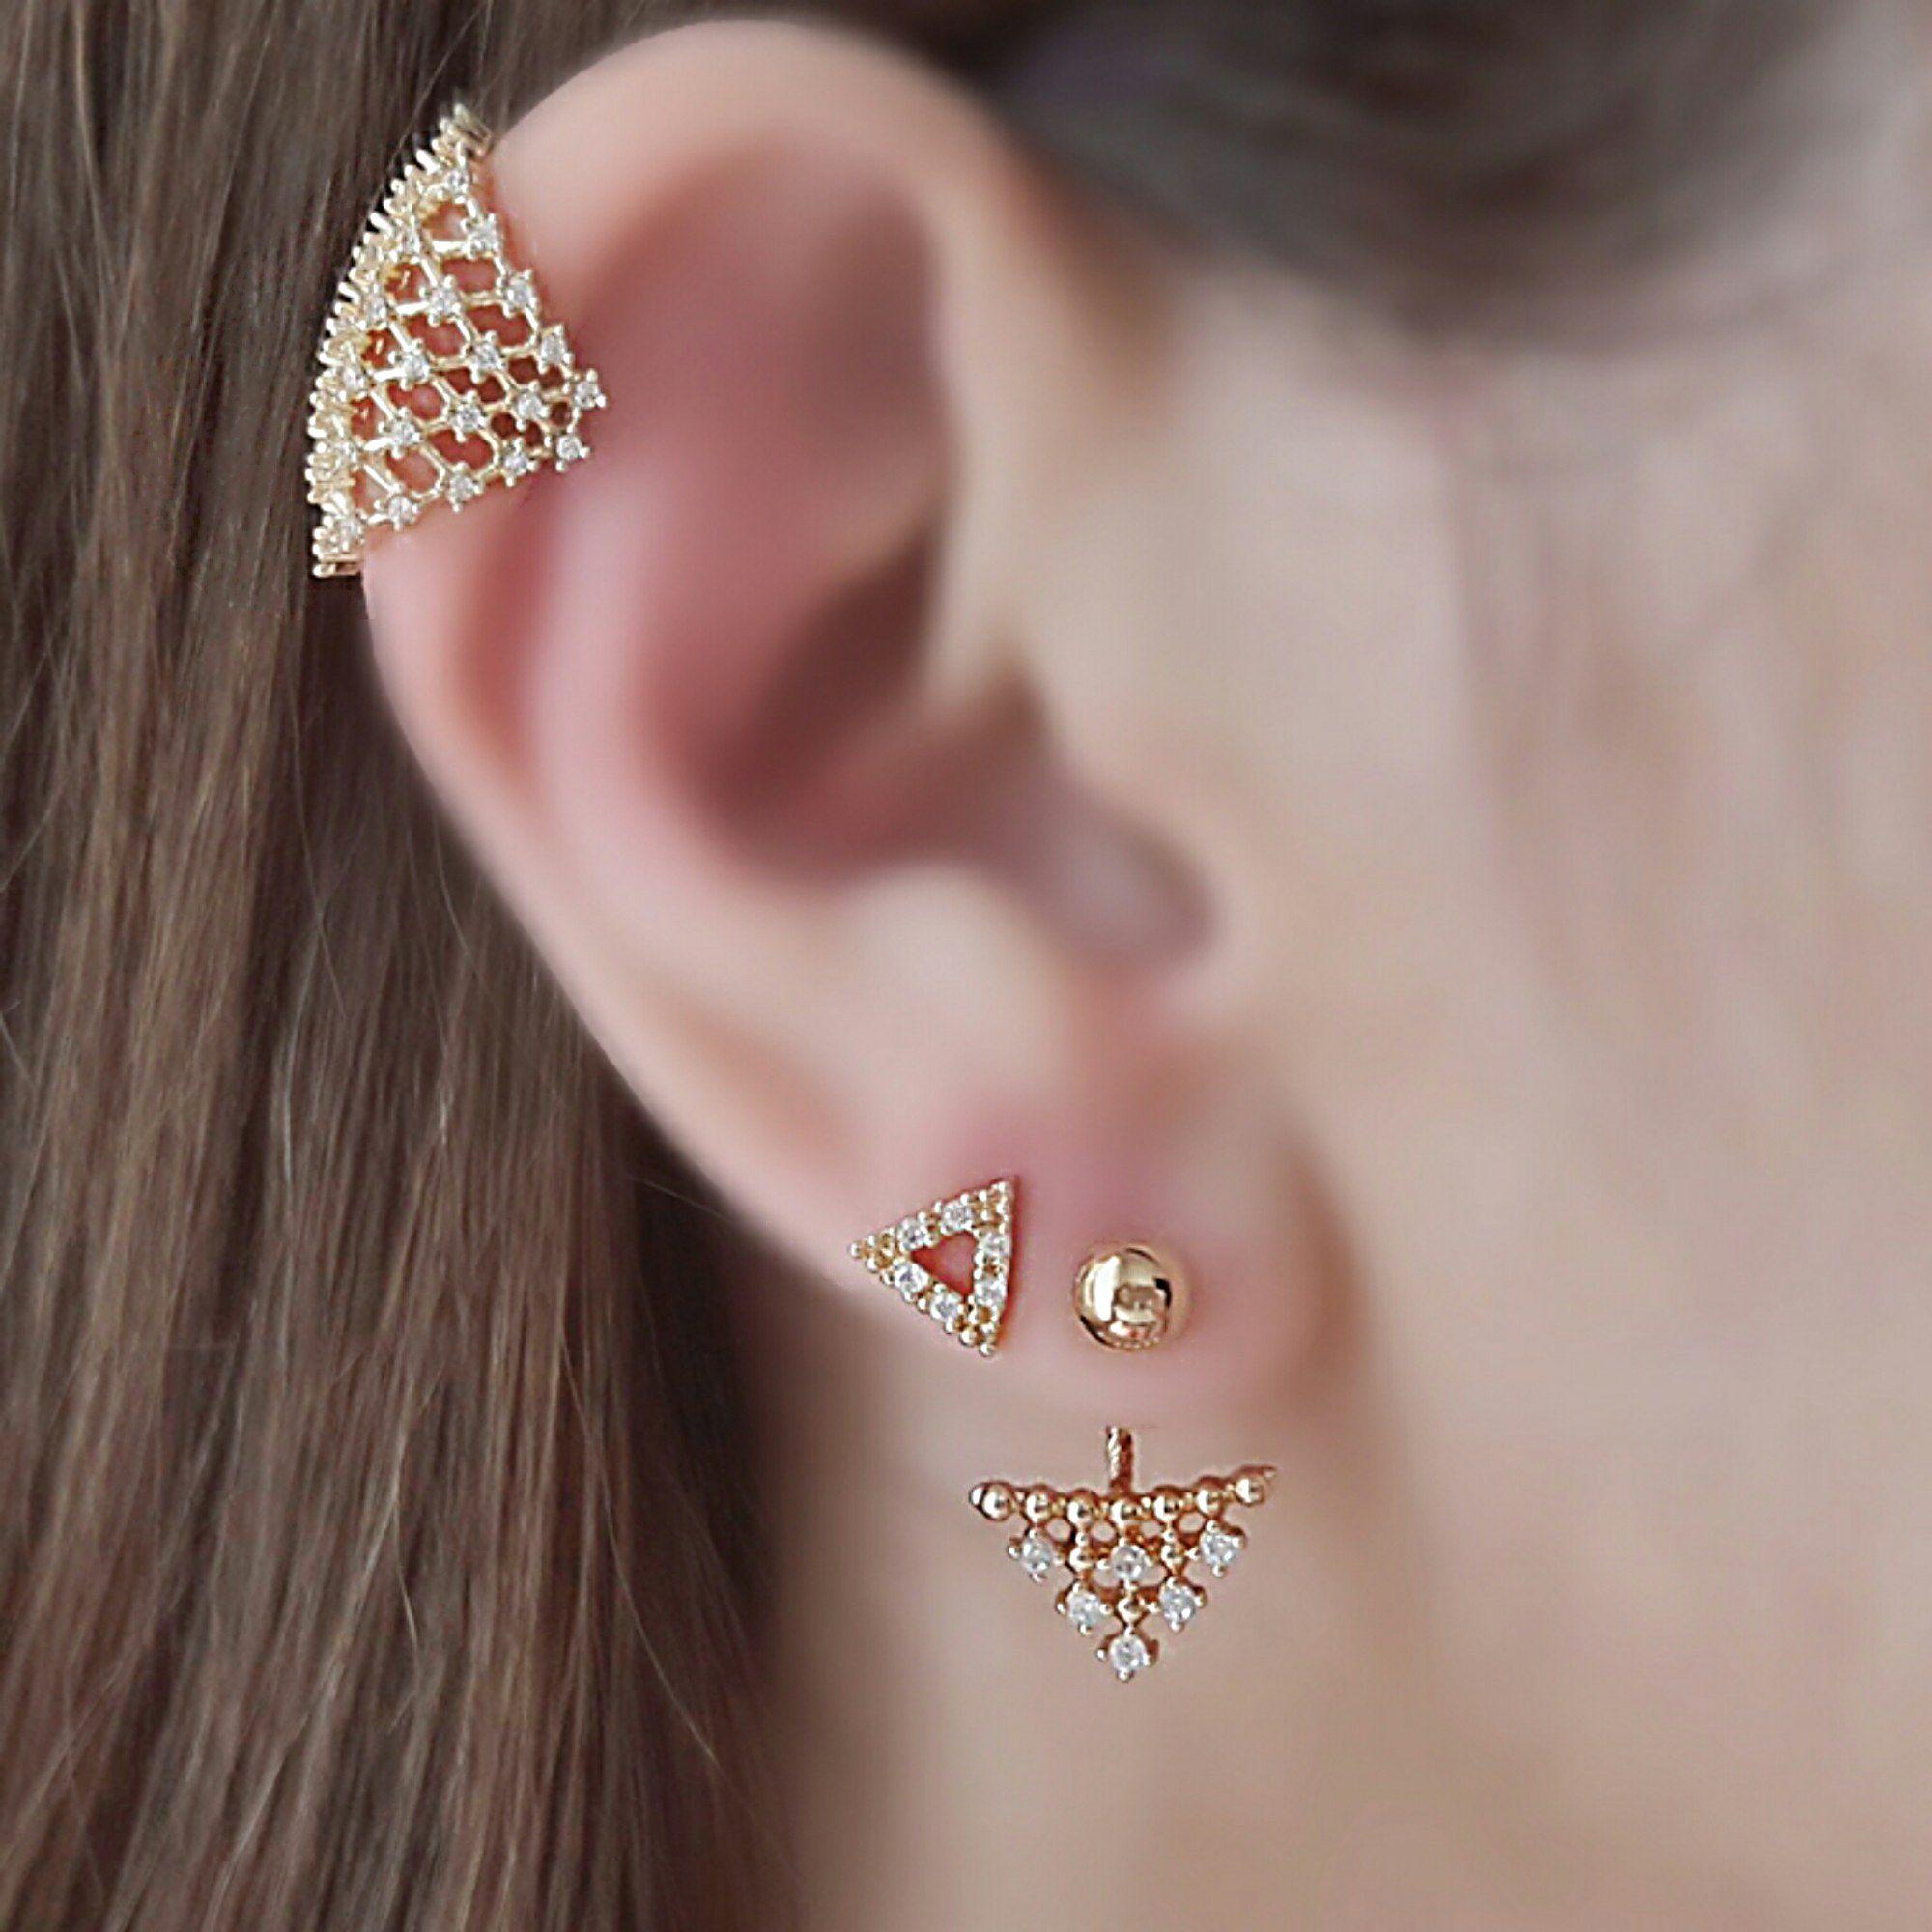 Ear Jacket Delicado Zircônia Branca Semijoia em Ouro 18K   - Soloyou